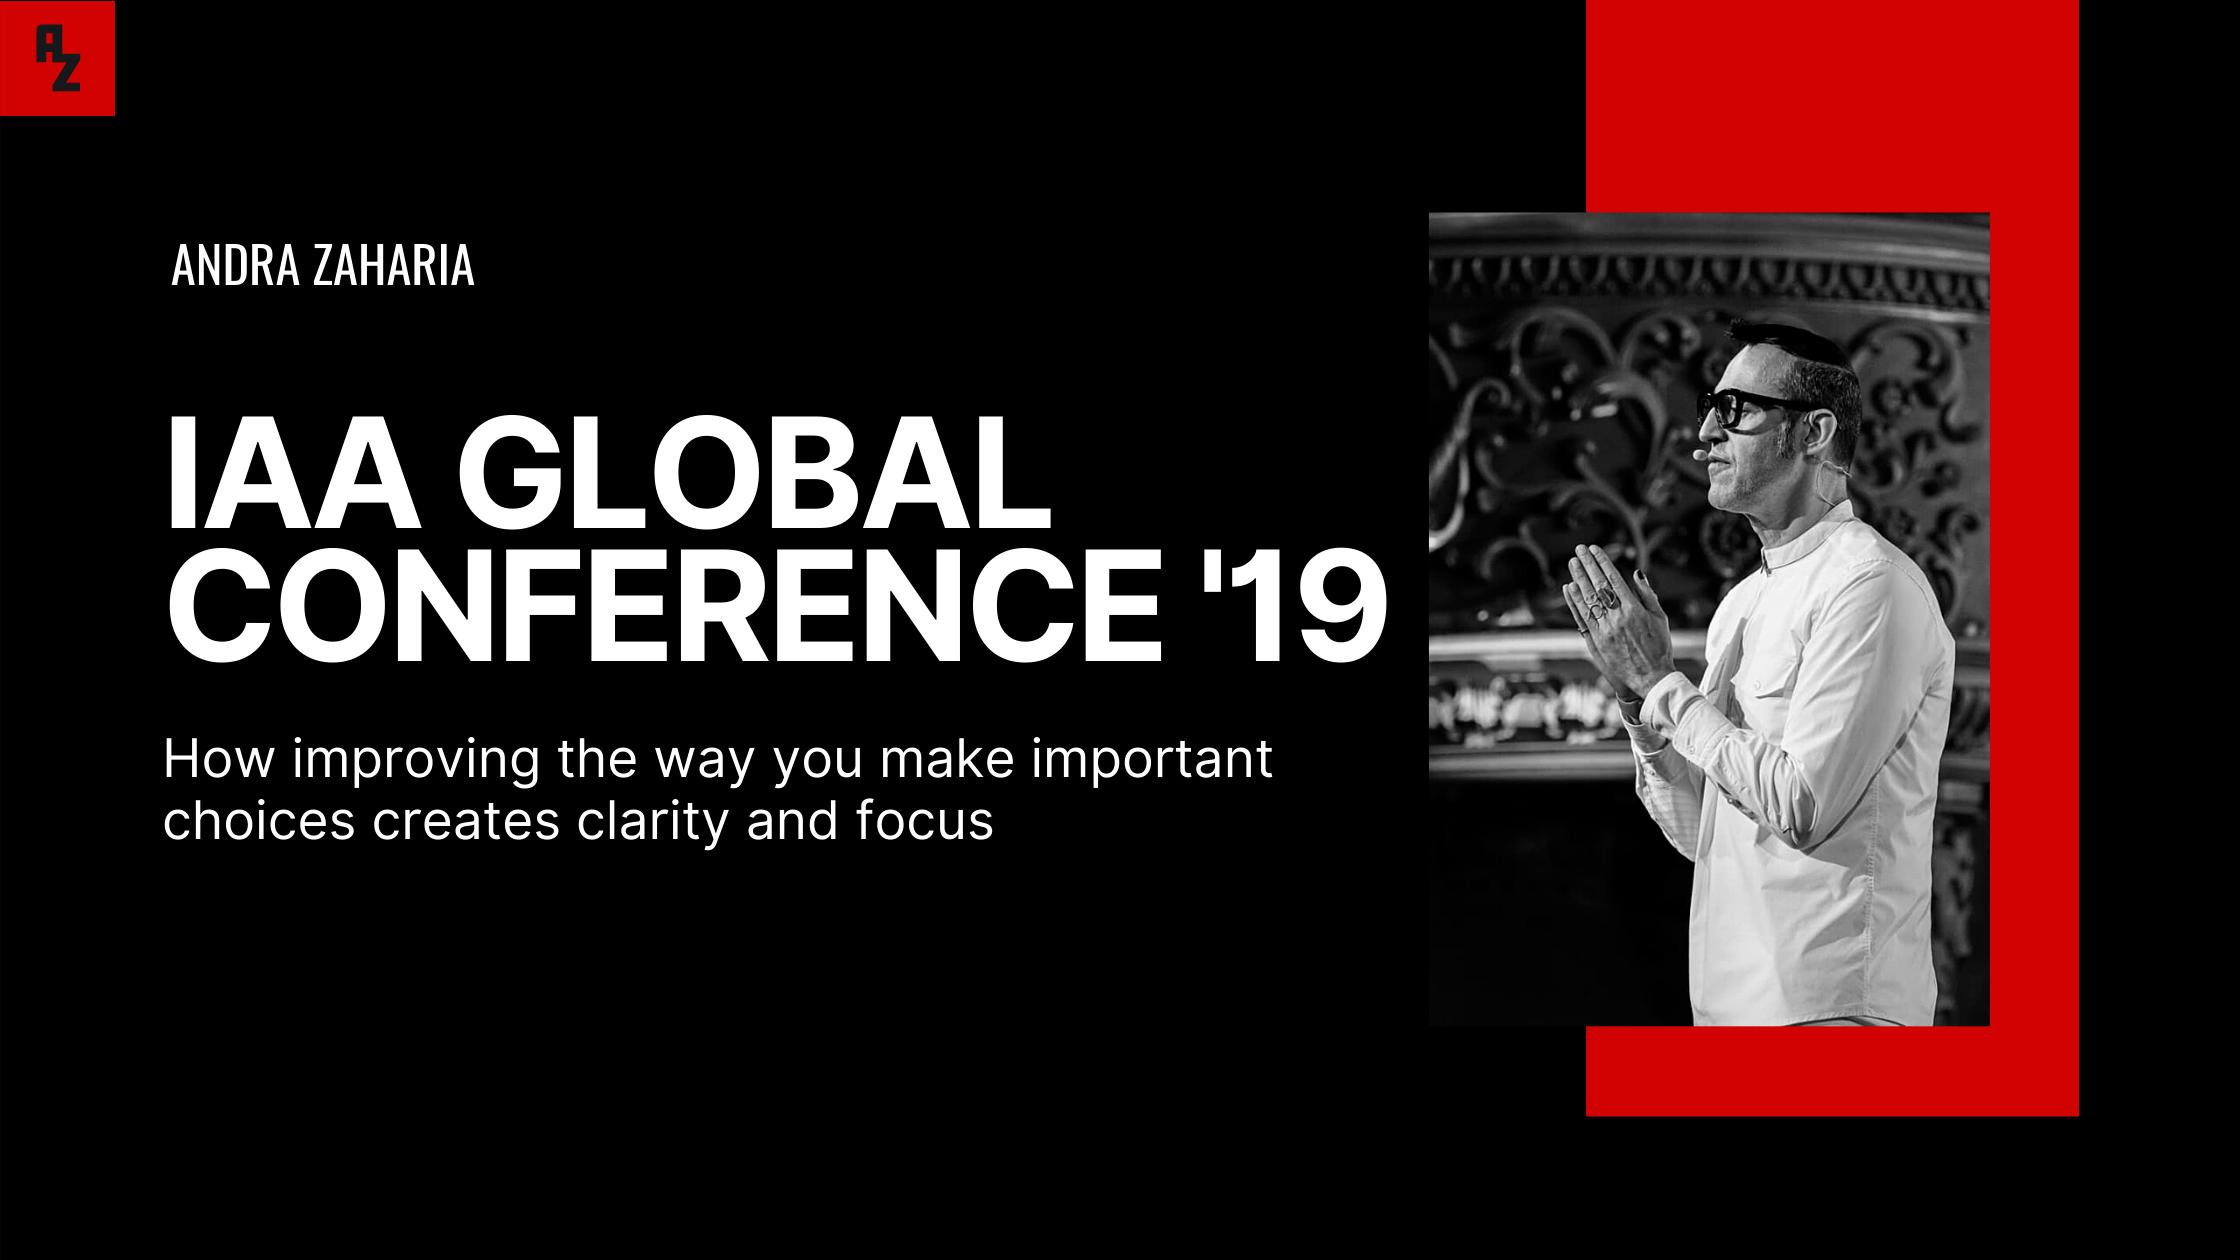 IAA global conference 2019 bucharest